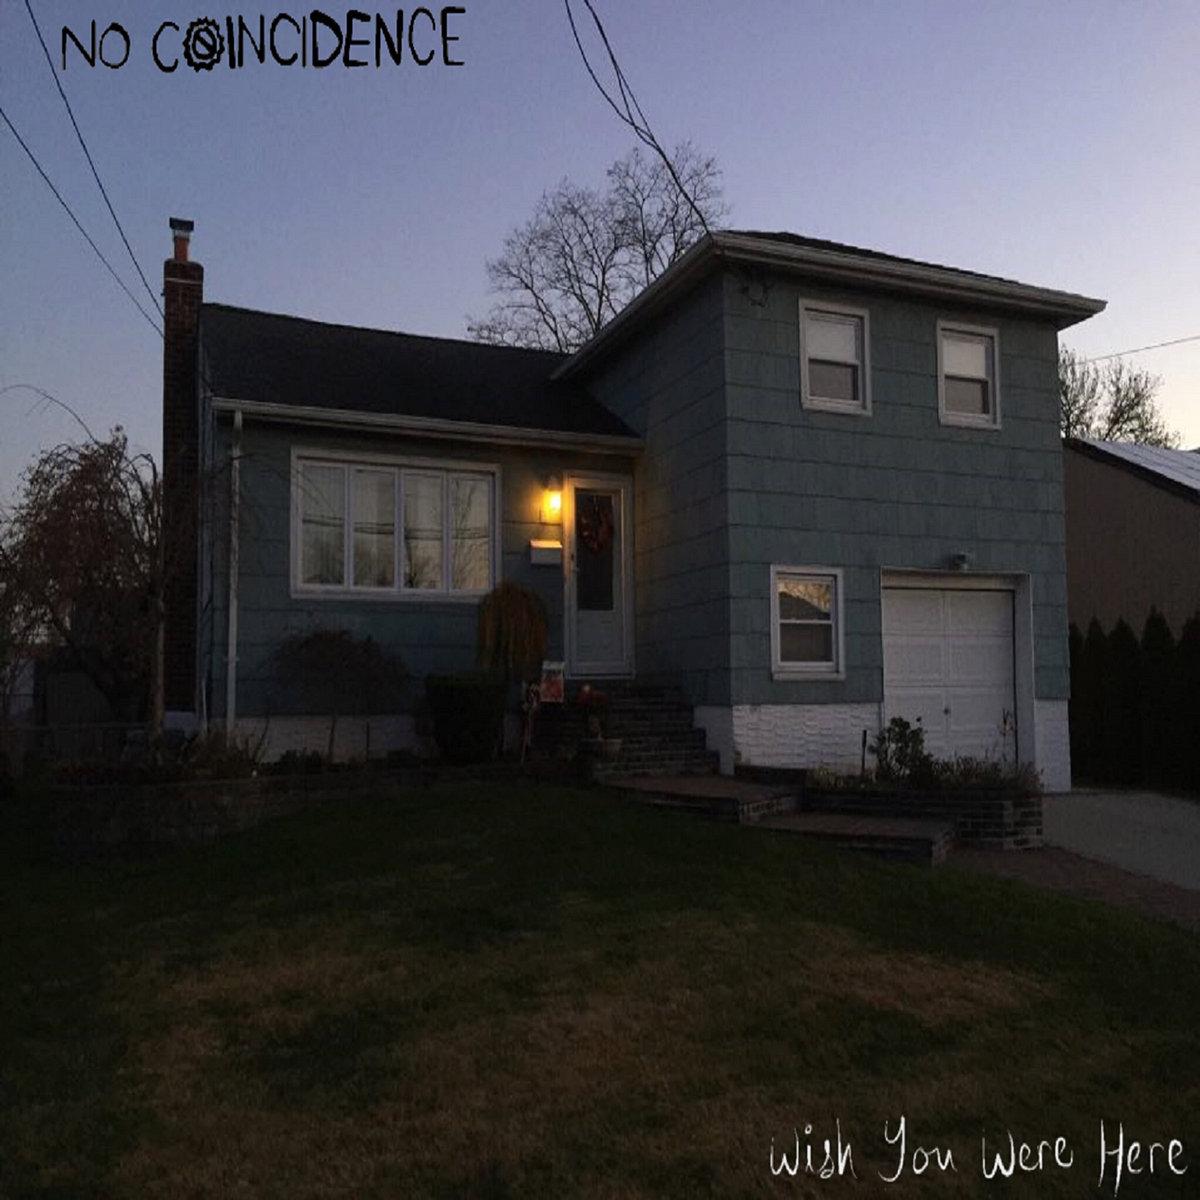 www.facebook.com/nocoincidenceNY